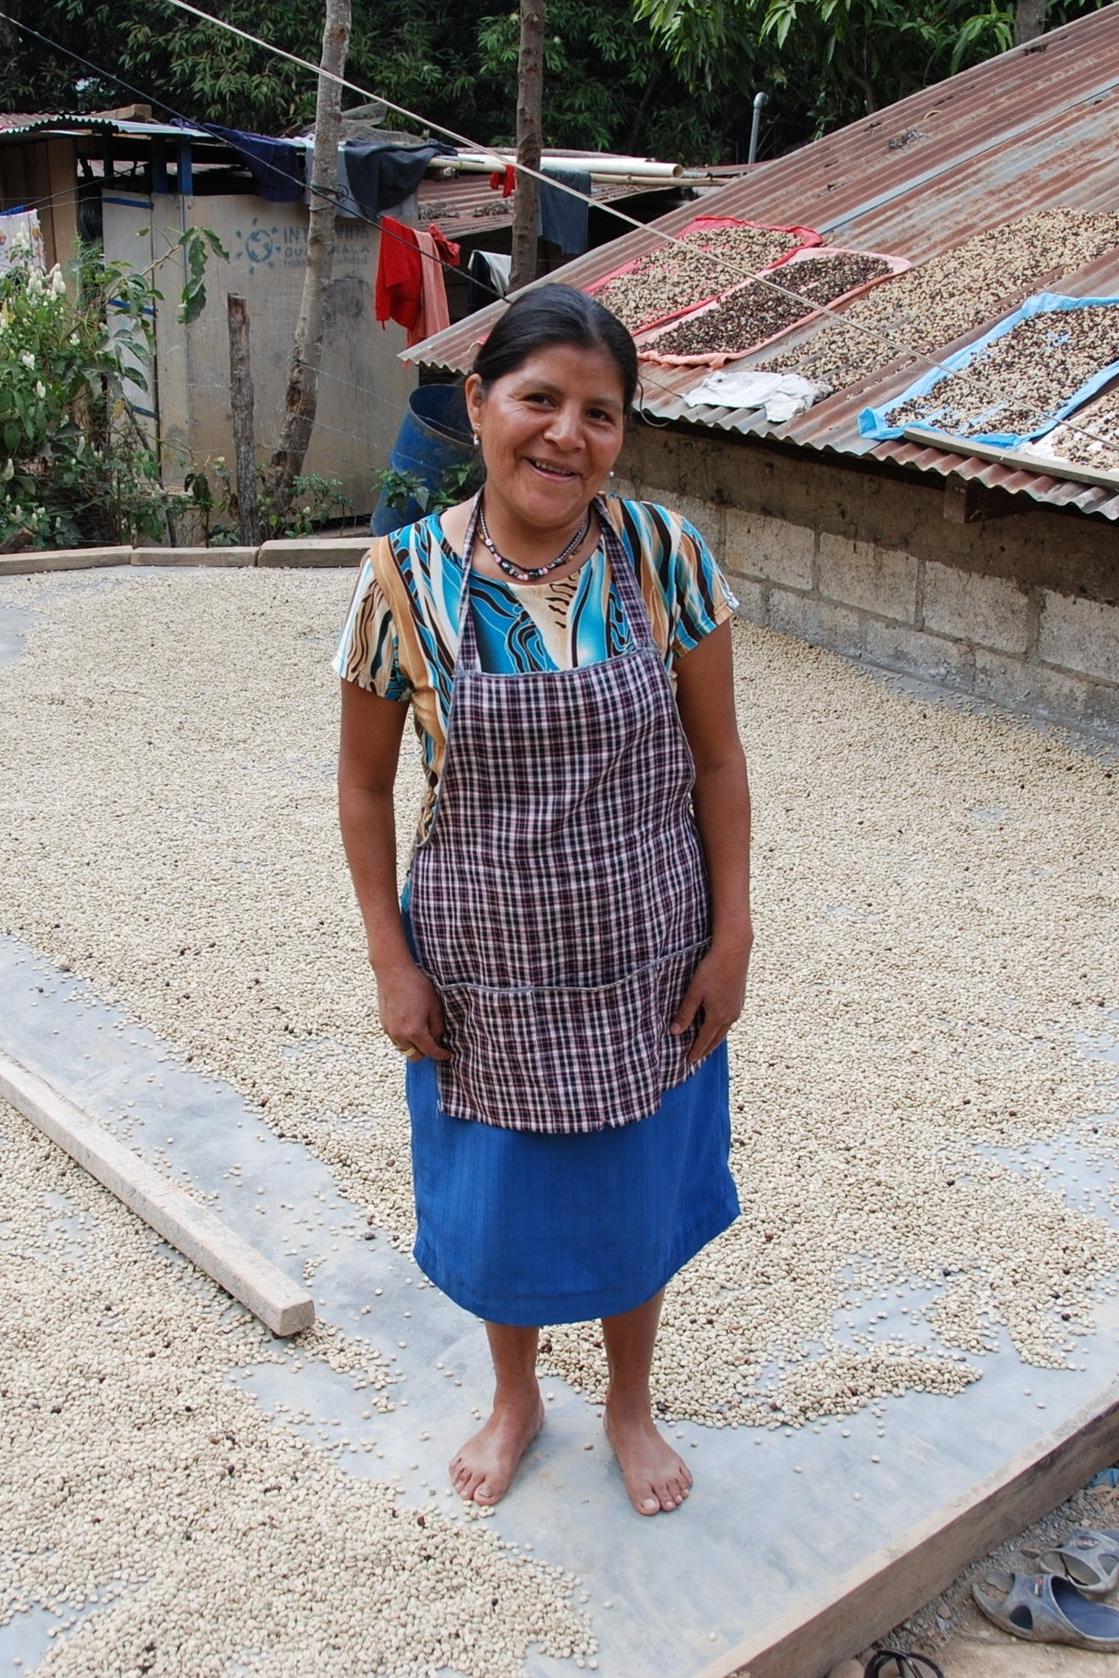 Female Coffee Farmer posing